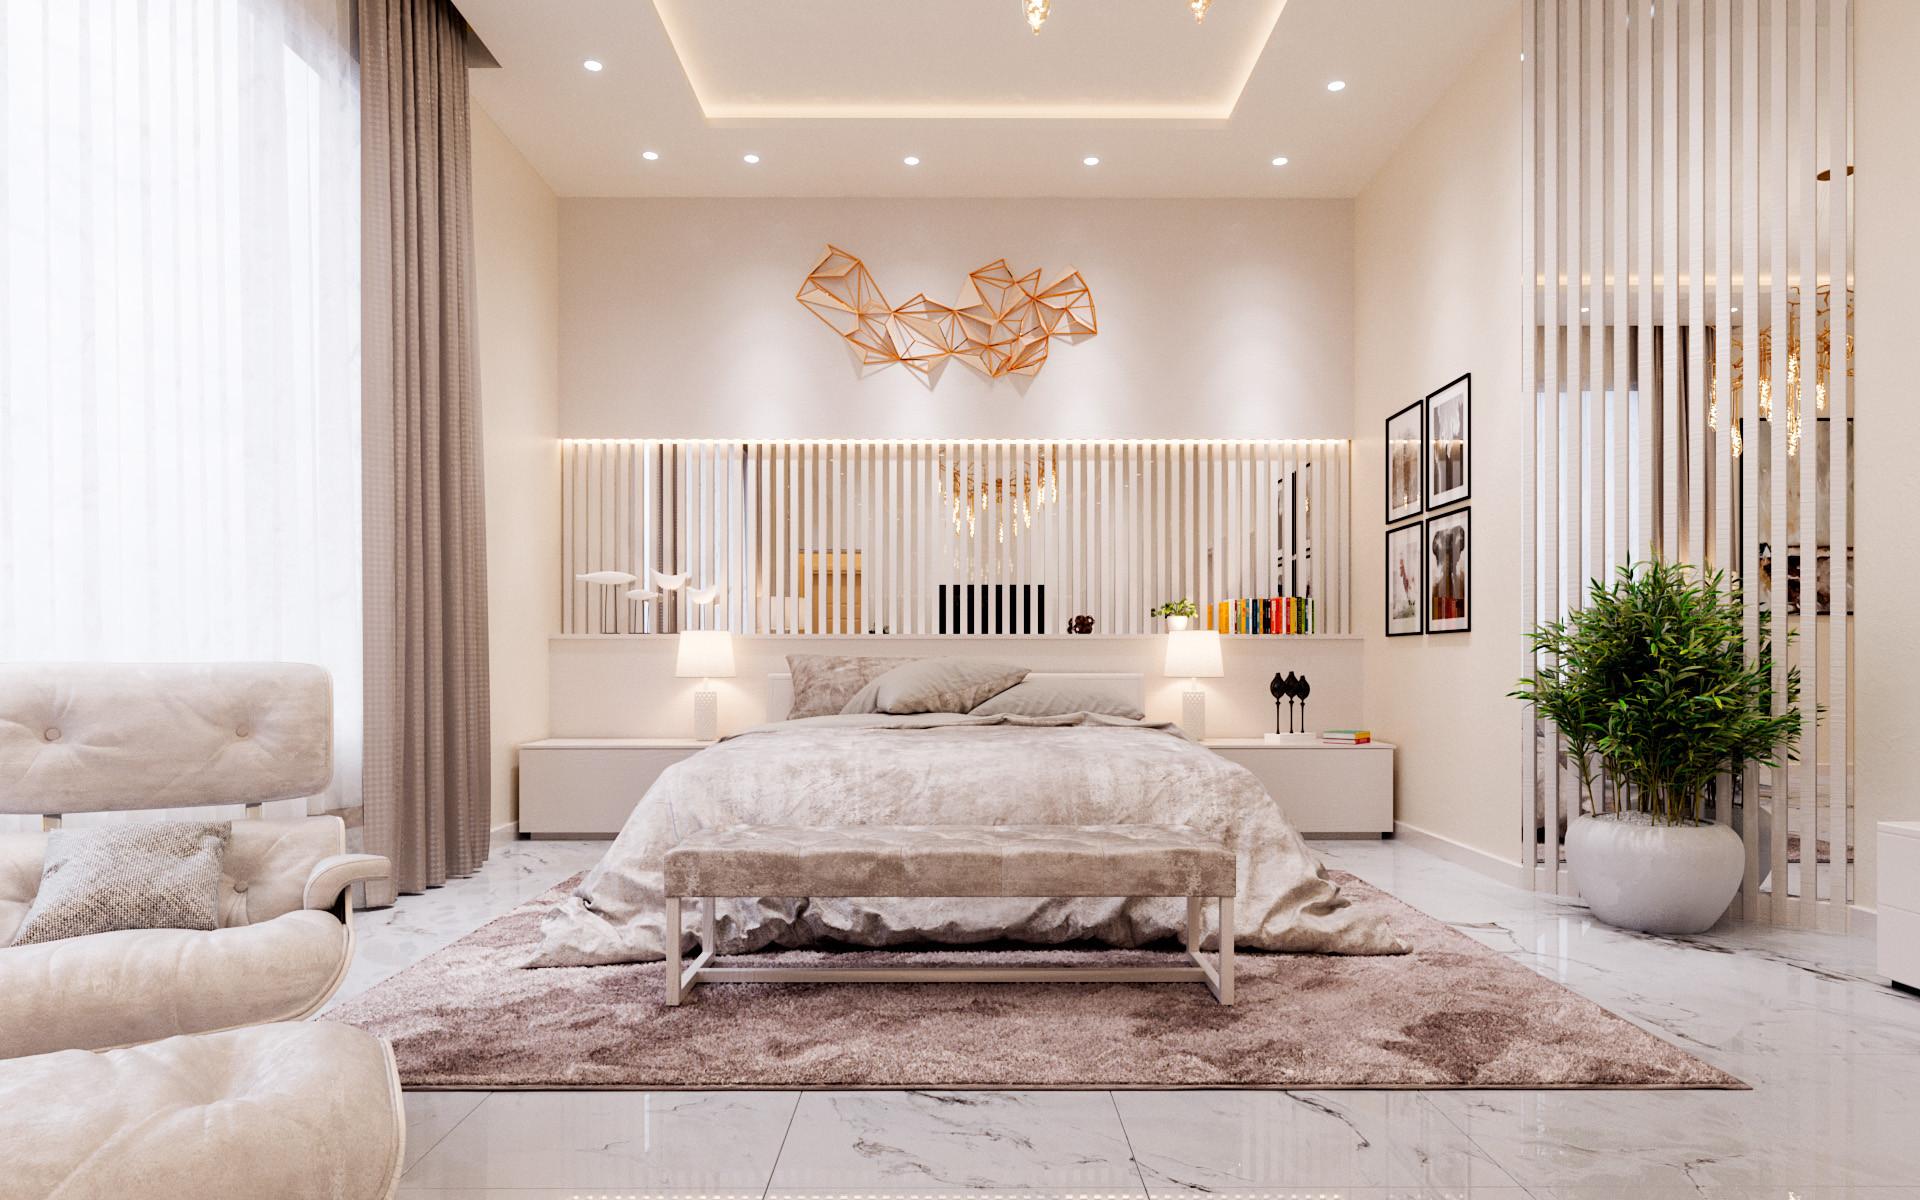 3D_renders_interiors_Dubai_villa2.jpg